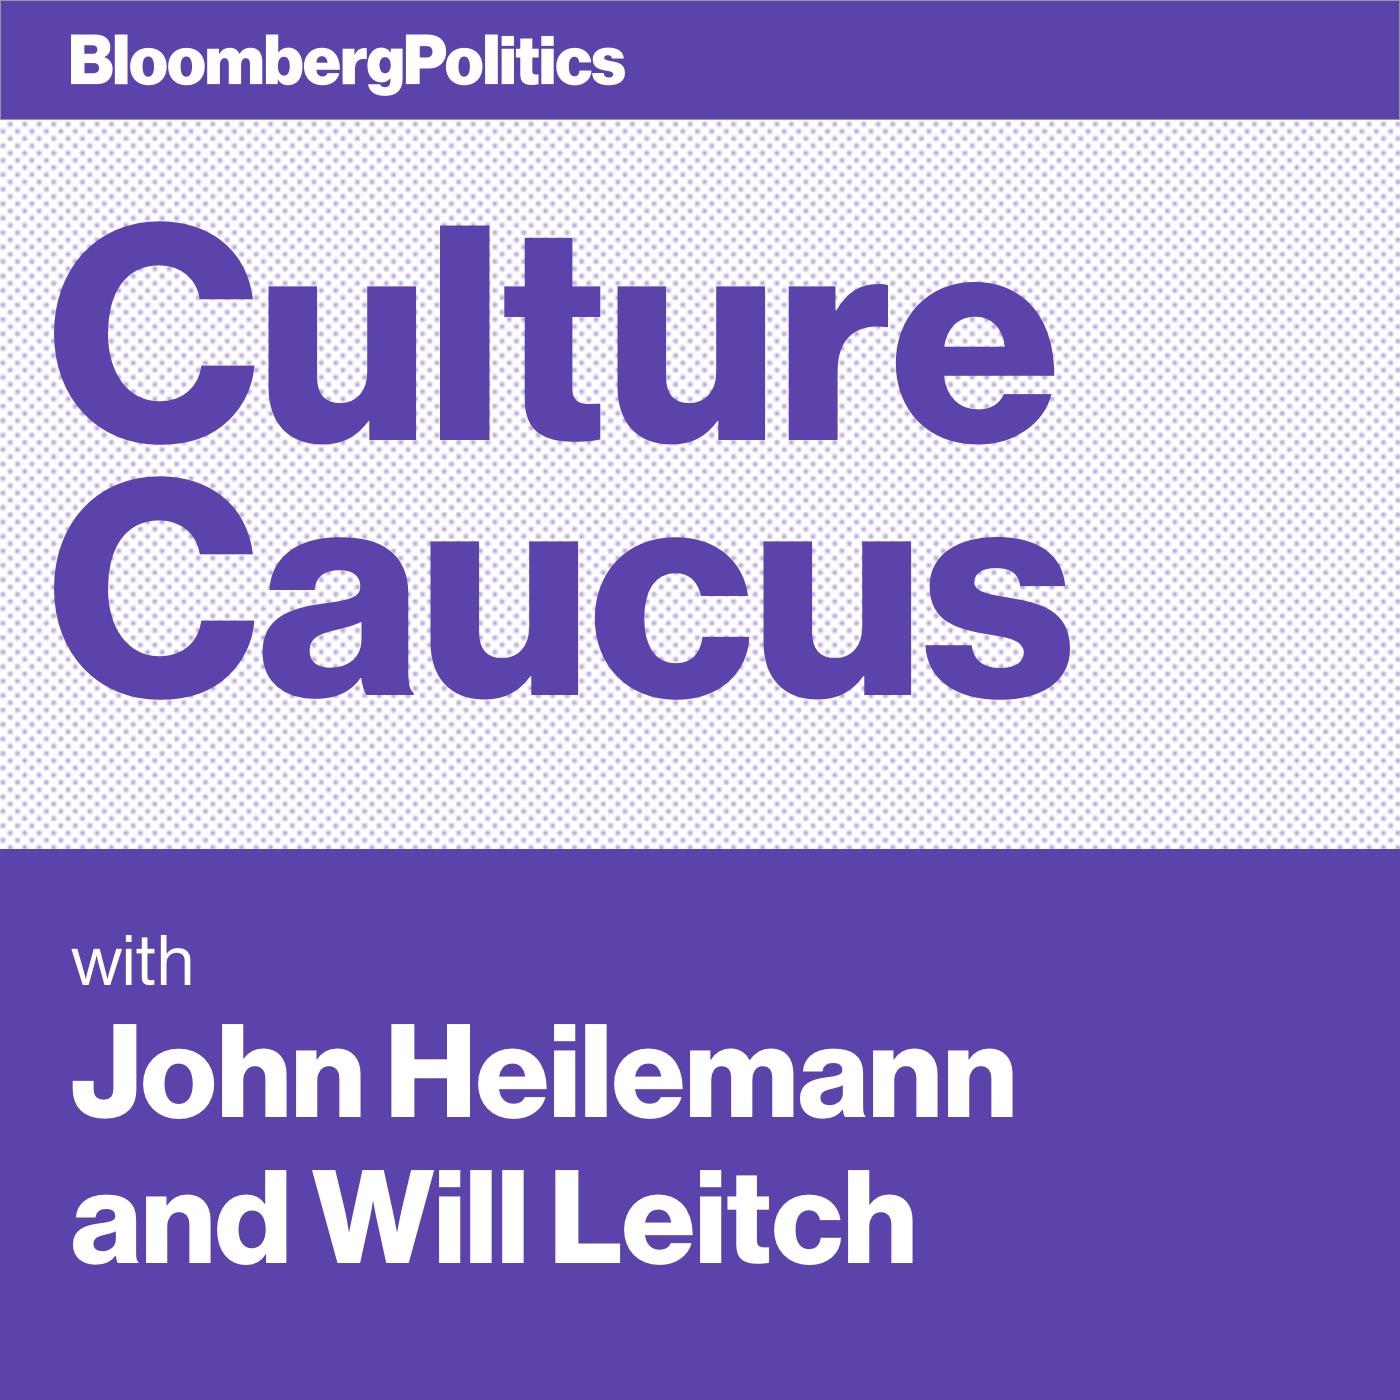 Culture Caucus